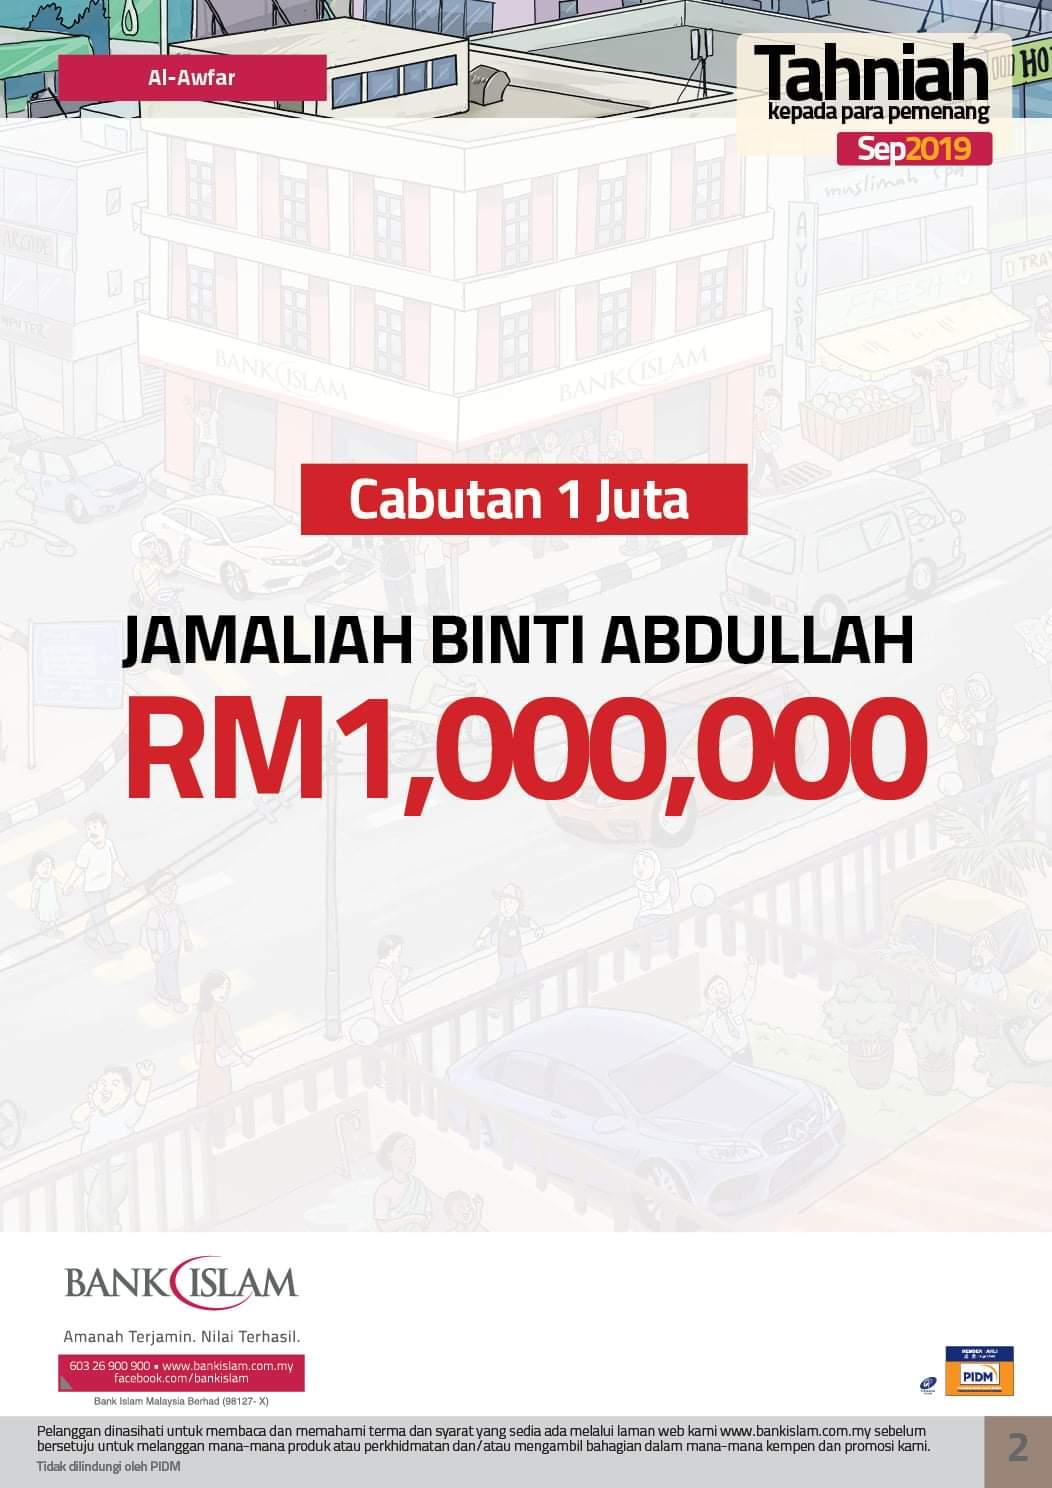 Keputusan Cabutan September 2019 Al-Awfar Bank Islam ...